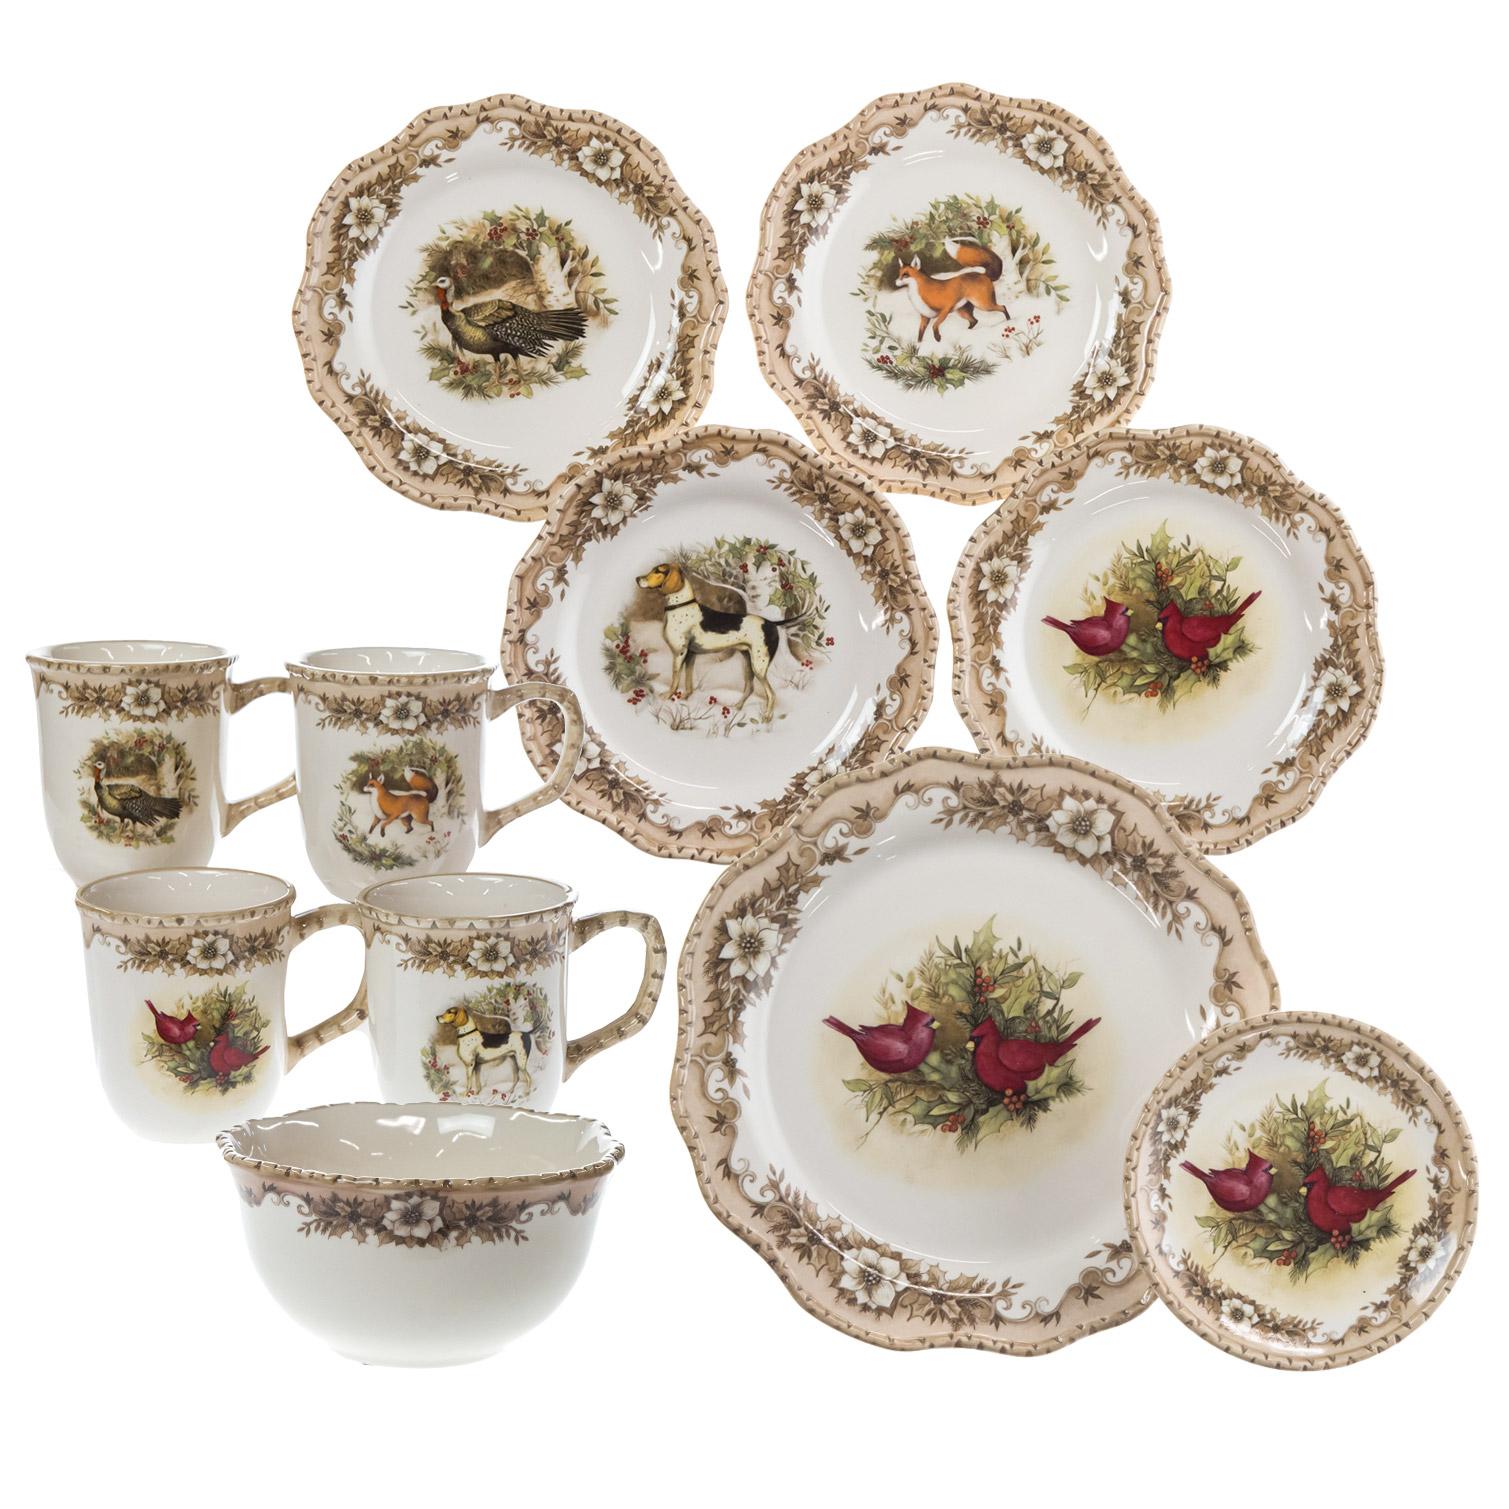 Woodland Stoneware 16-Piece Dinnerware Set  sc 1 st  Shop Cracker Barrel & Dinnerware Serveware | Kitchen Dining | Home Furniture - Cracker ...